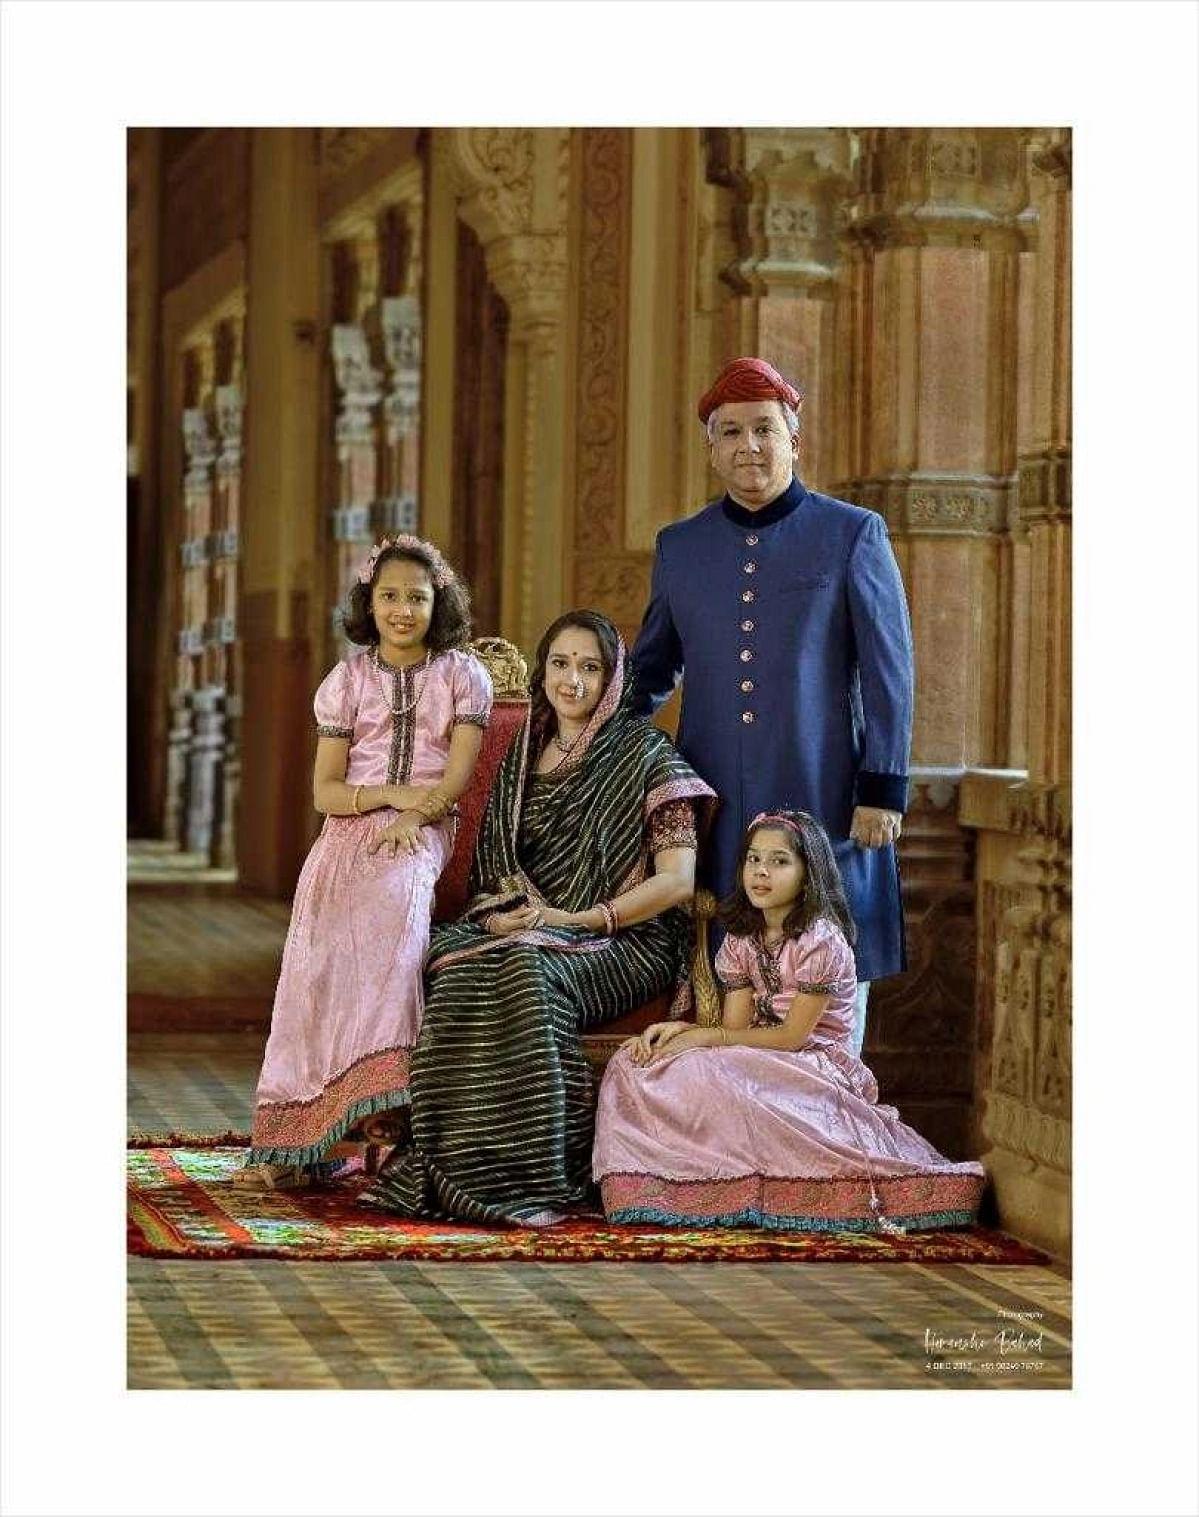 लेखिका का उनके परिवार के साथ फोटो